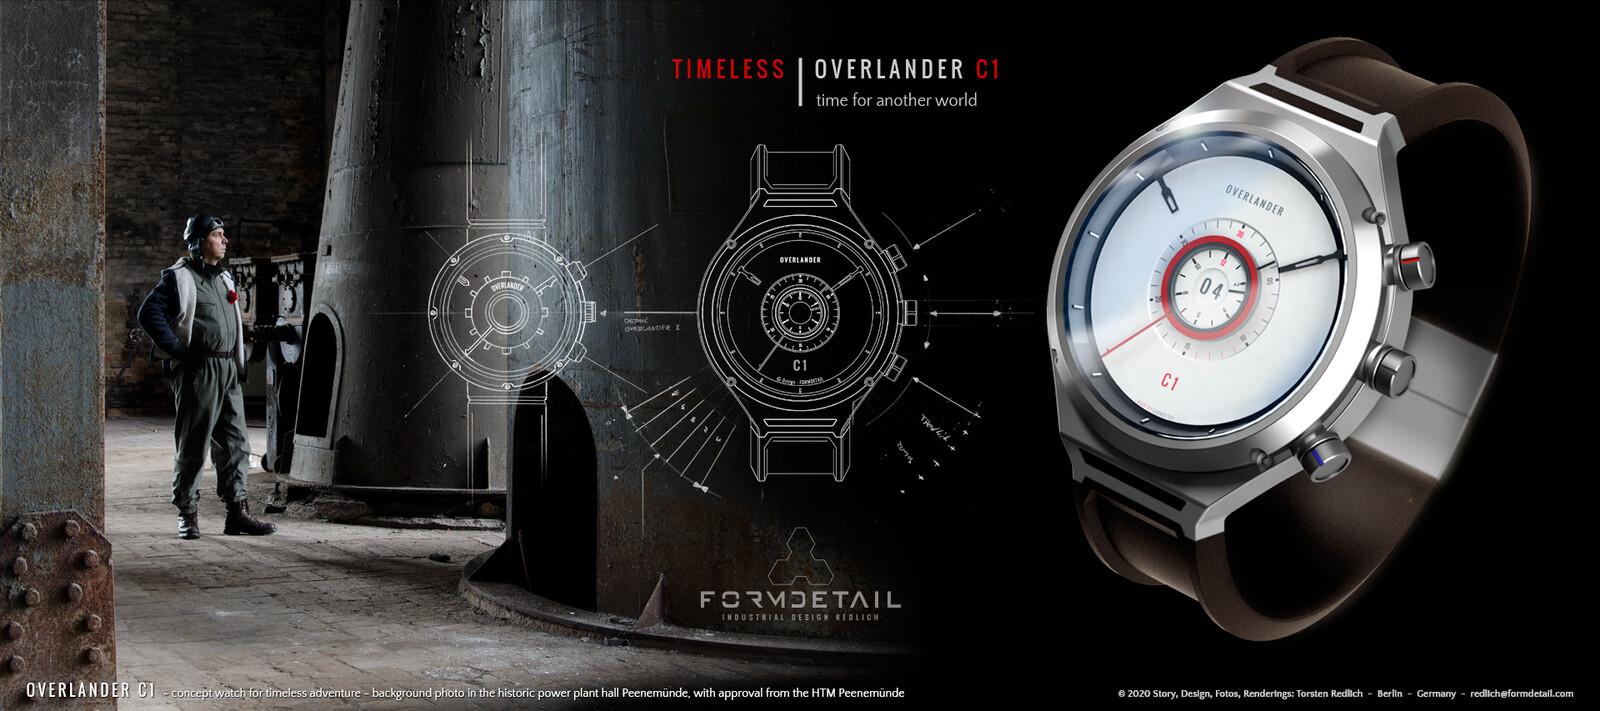 OVERLANDER C1 - concept watch